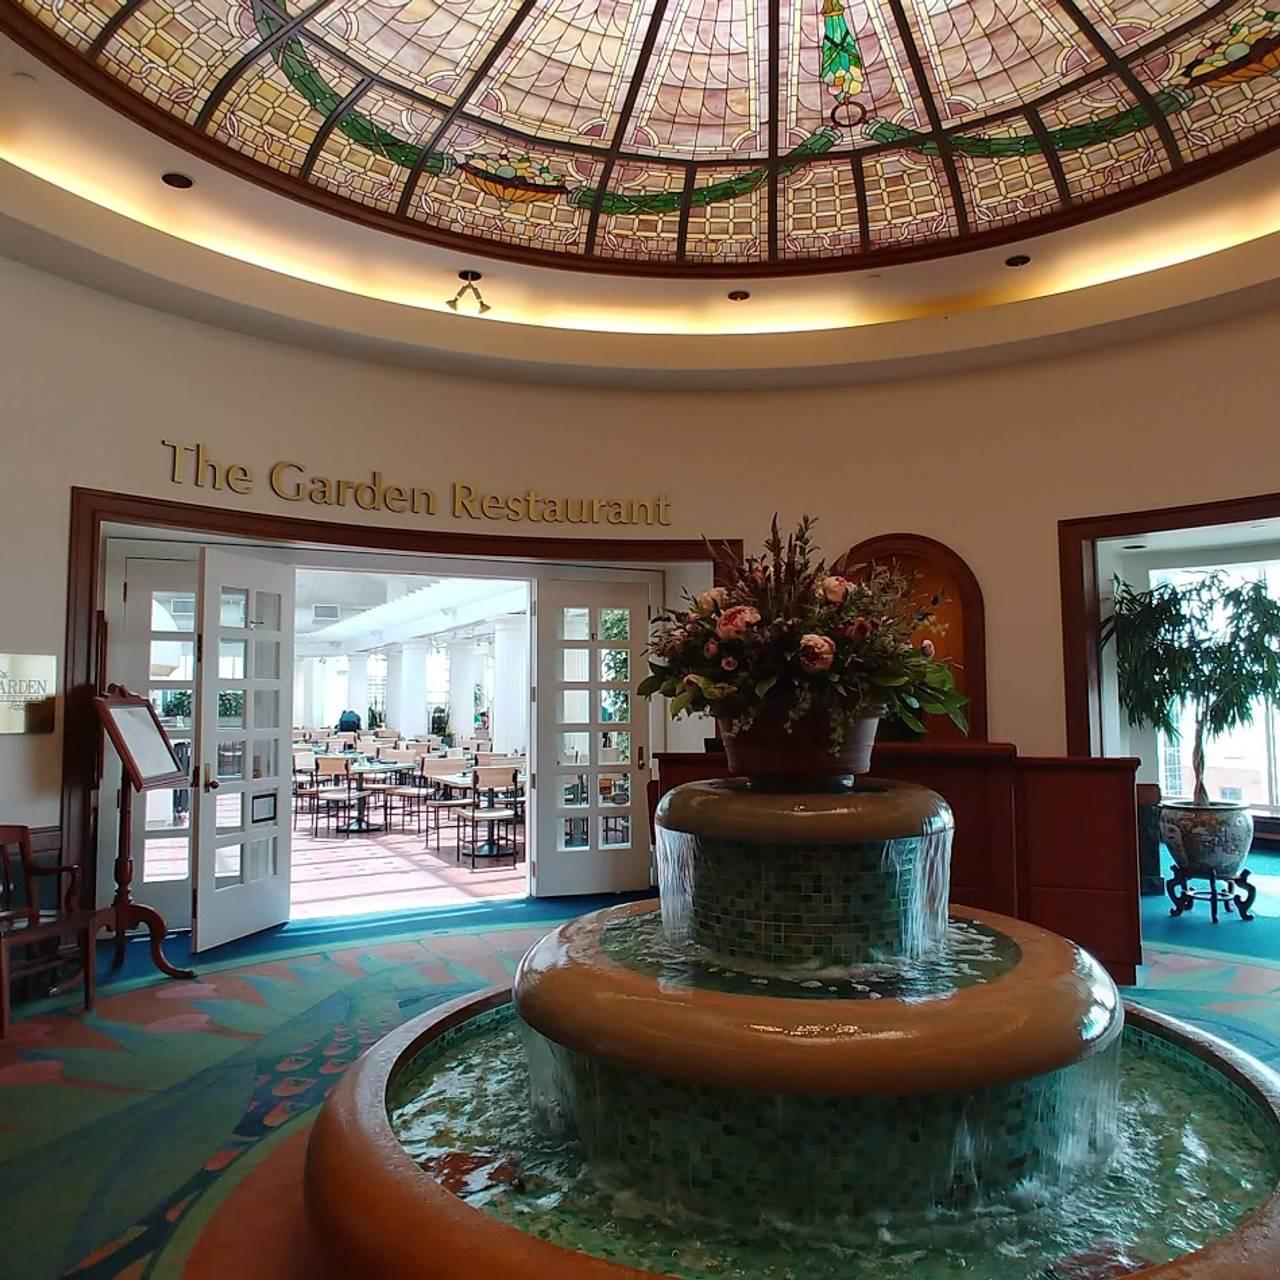 The Garden Restaurant - Salt Lake City, UT   OpenTable